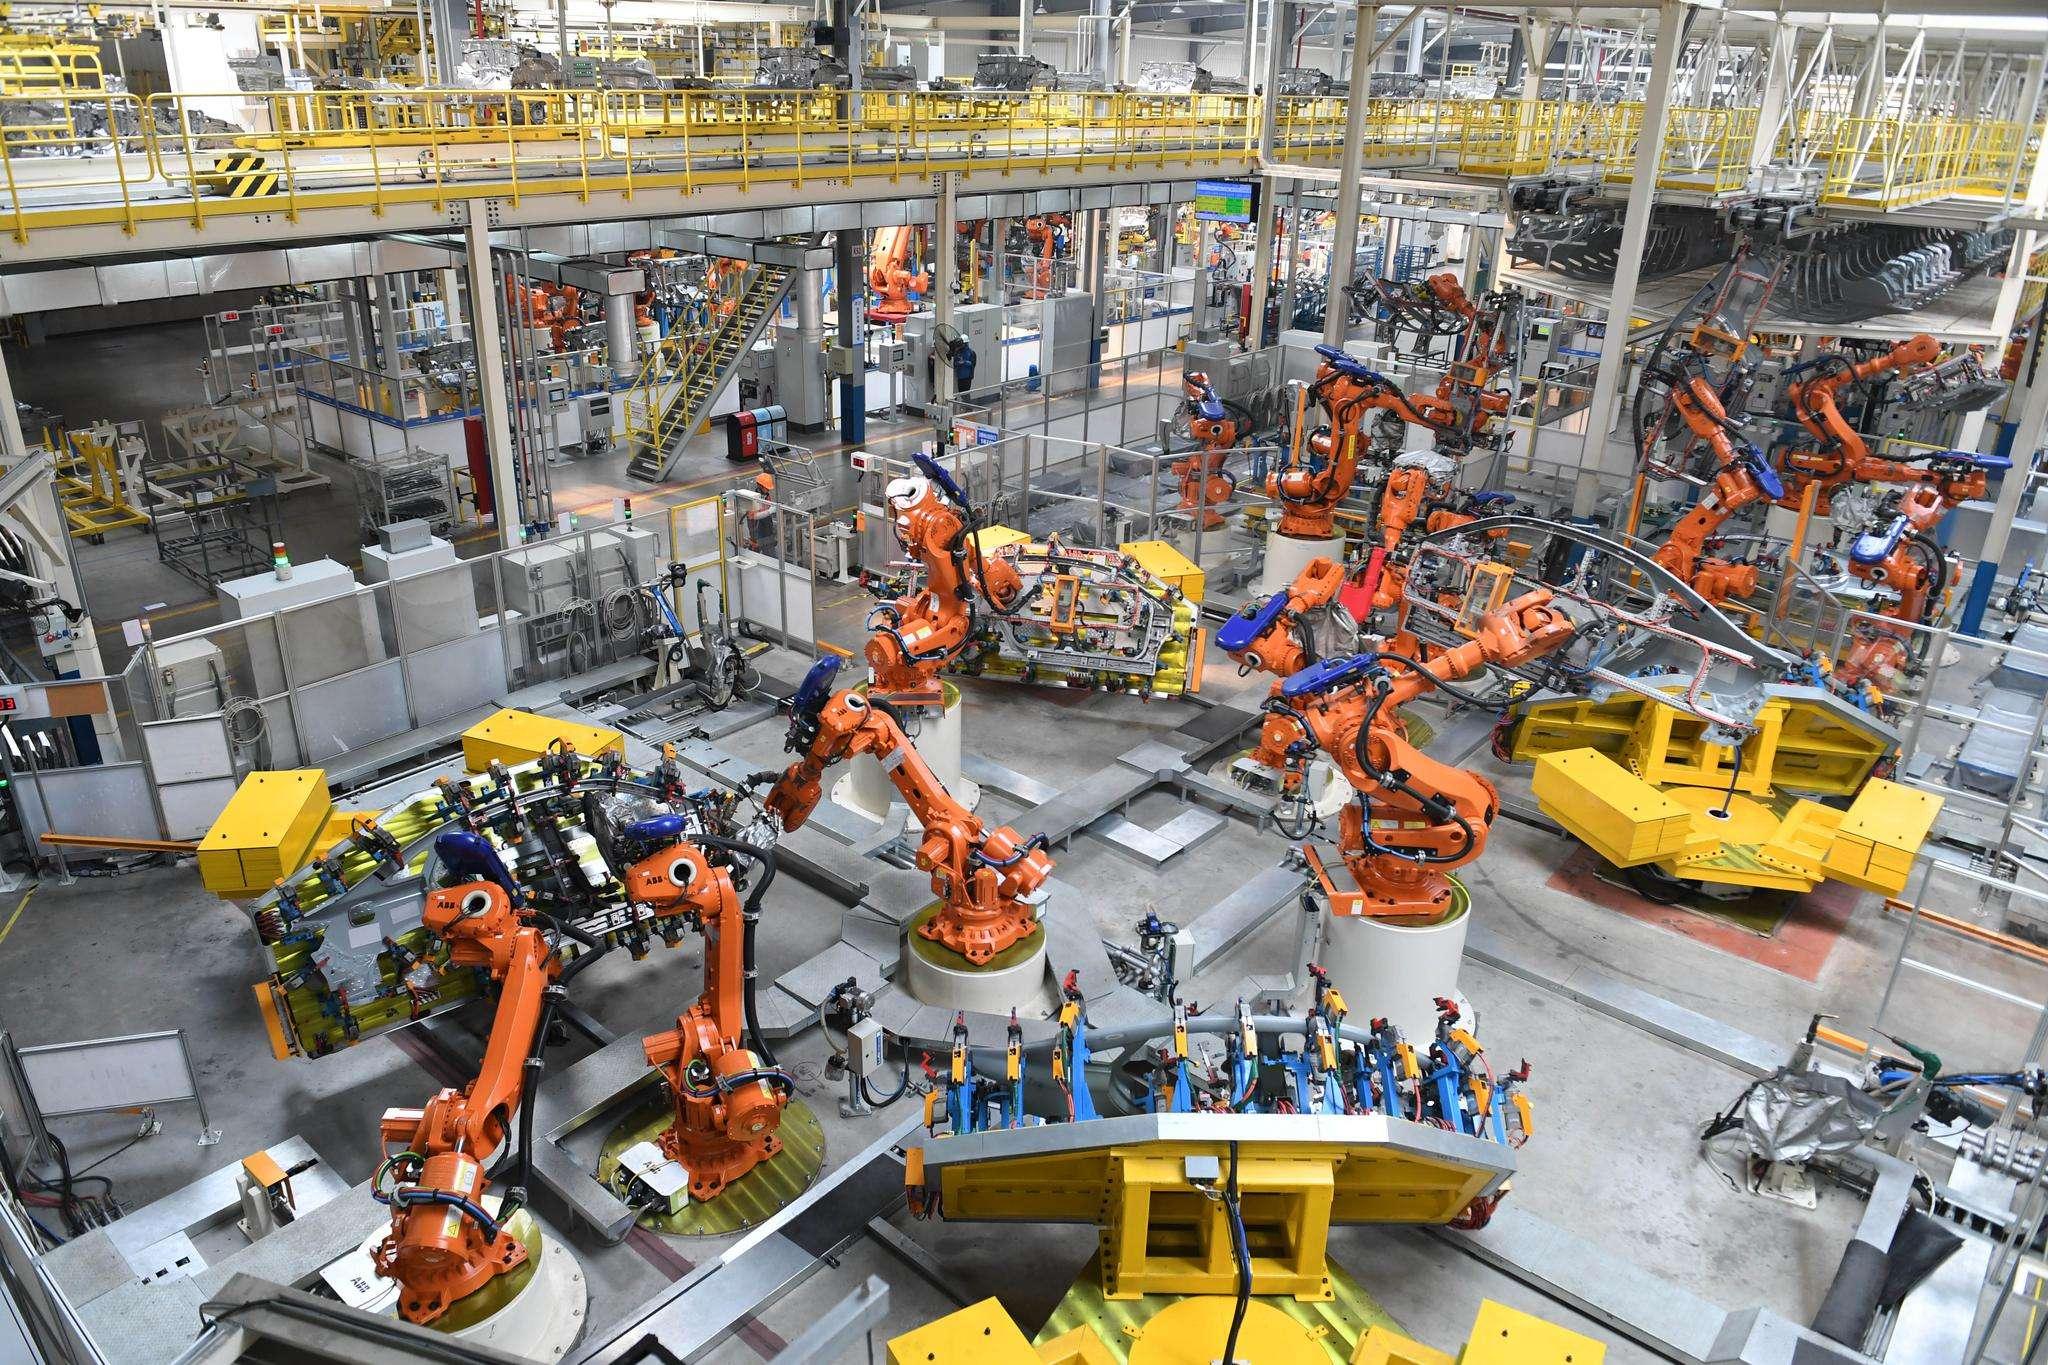 中國利用外資再出大動作 放寬農業、制造業準入